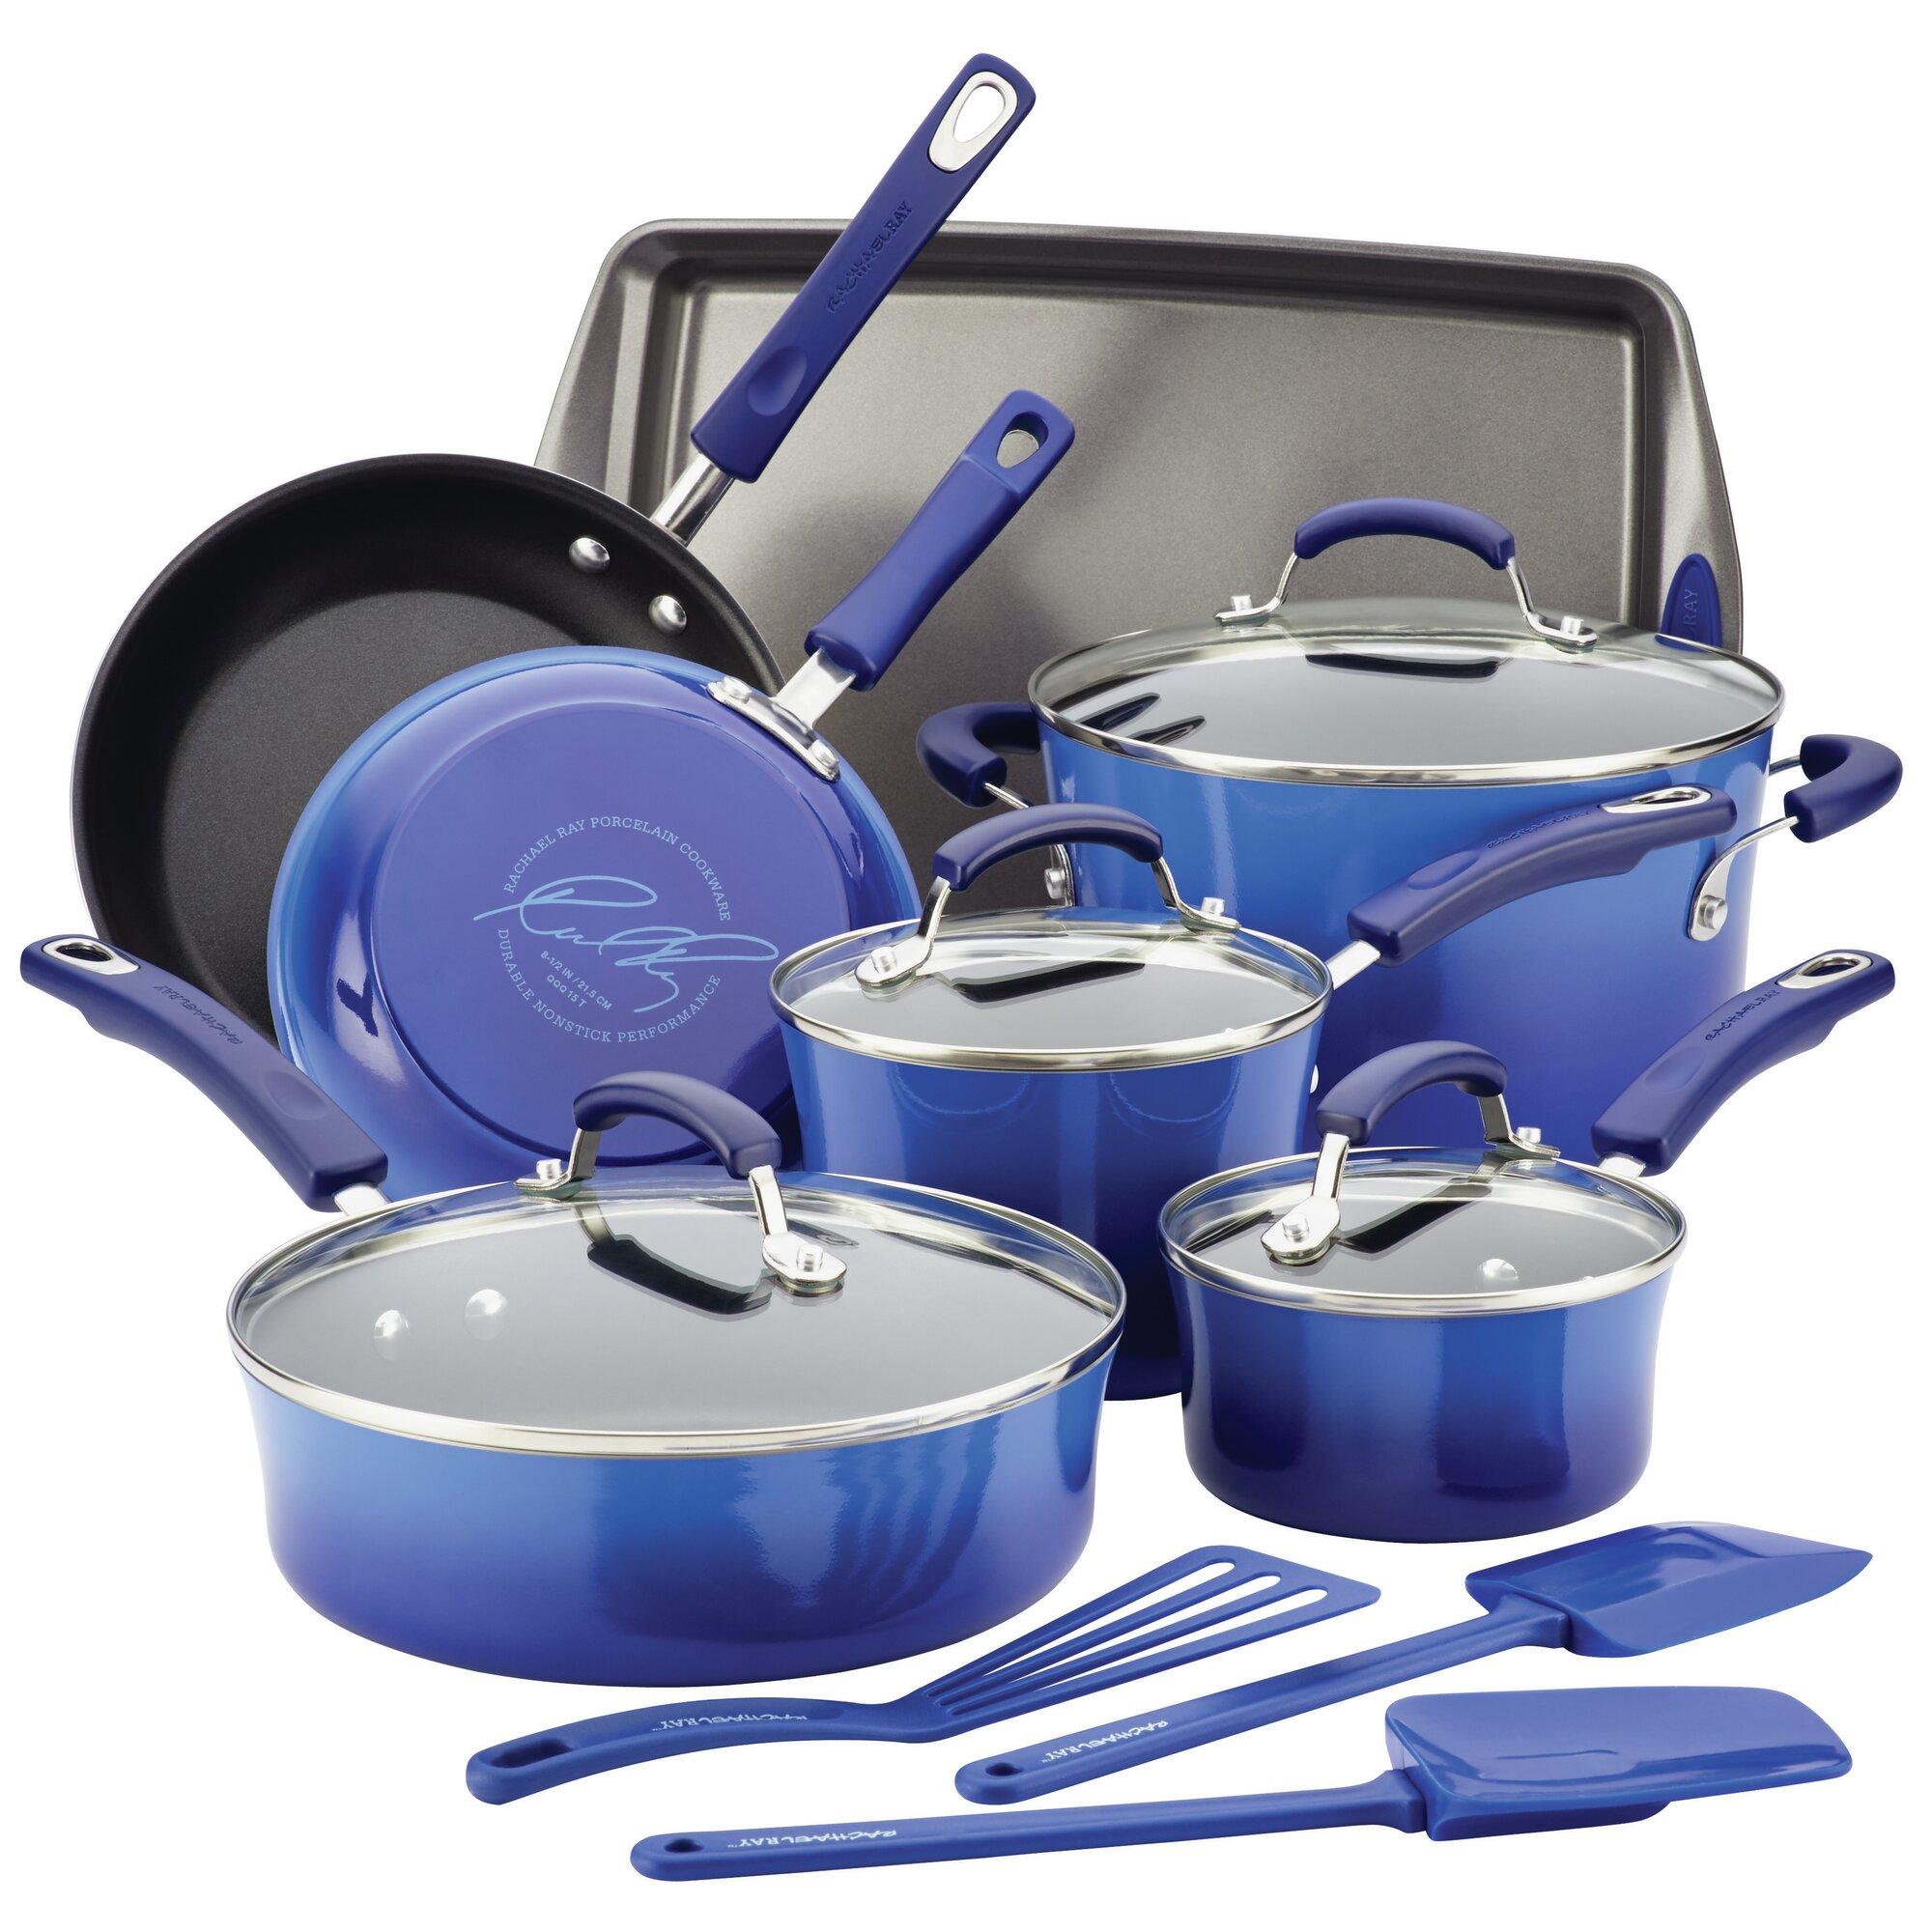 Rachael Ray 14 Piece Non-Stick Cookware Set & Reviews | Wayfair